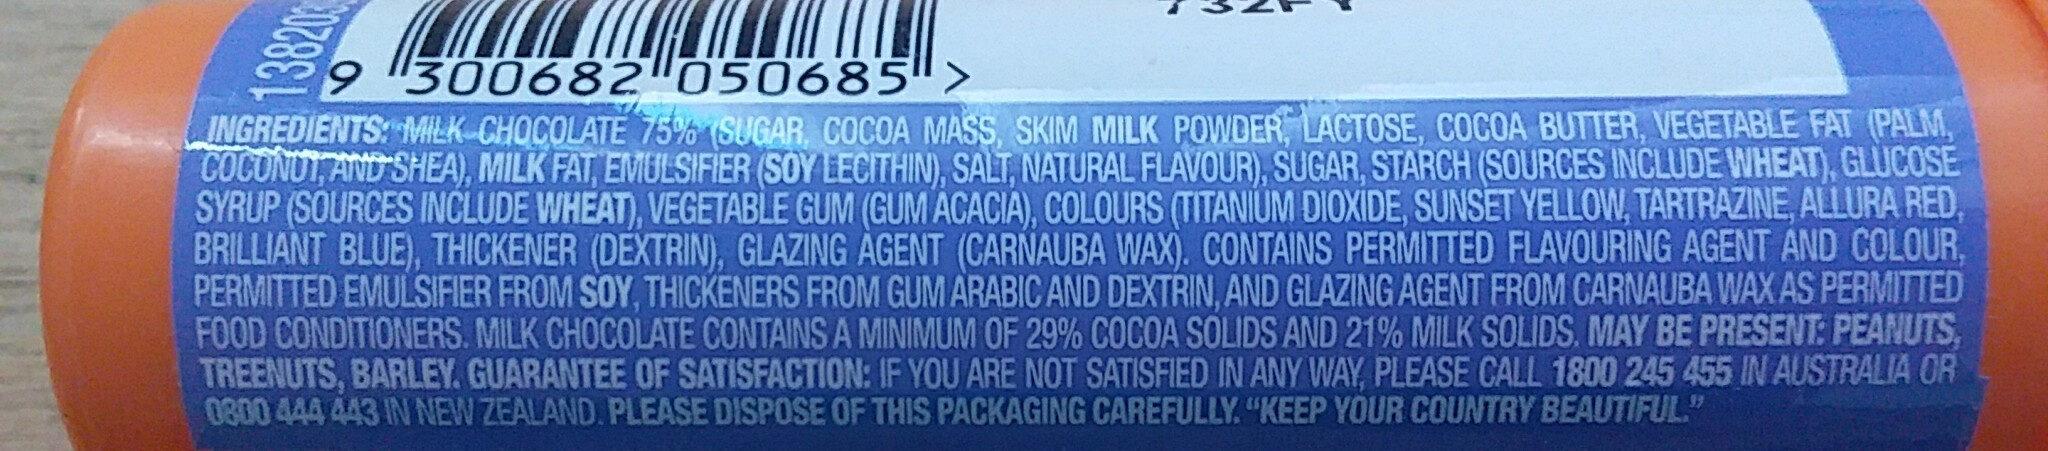 M&Ms - Ingredients - en